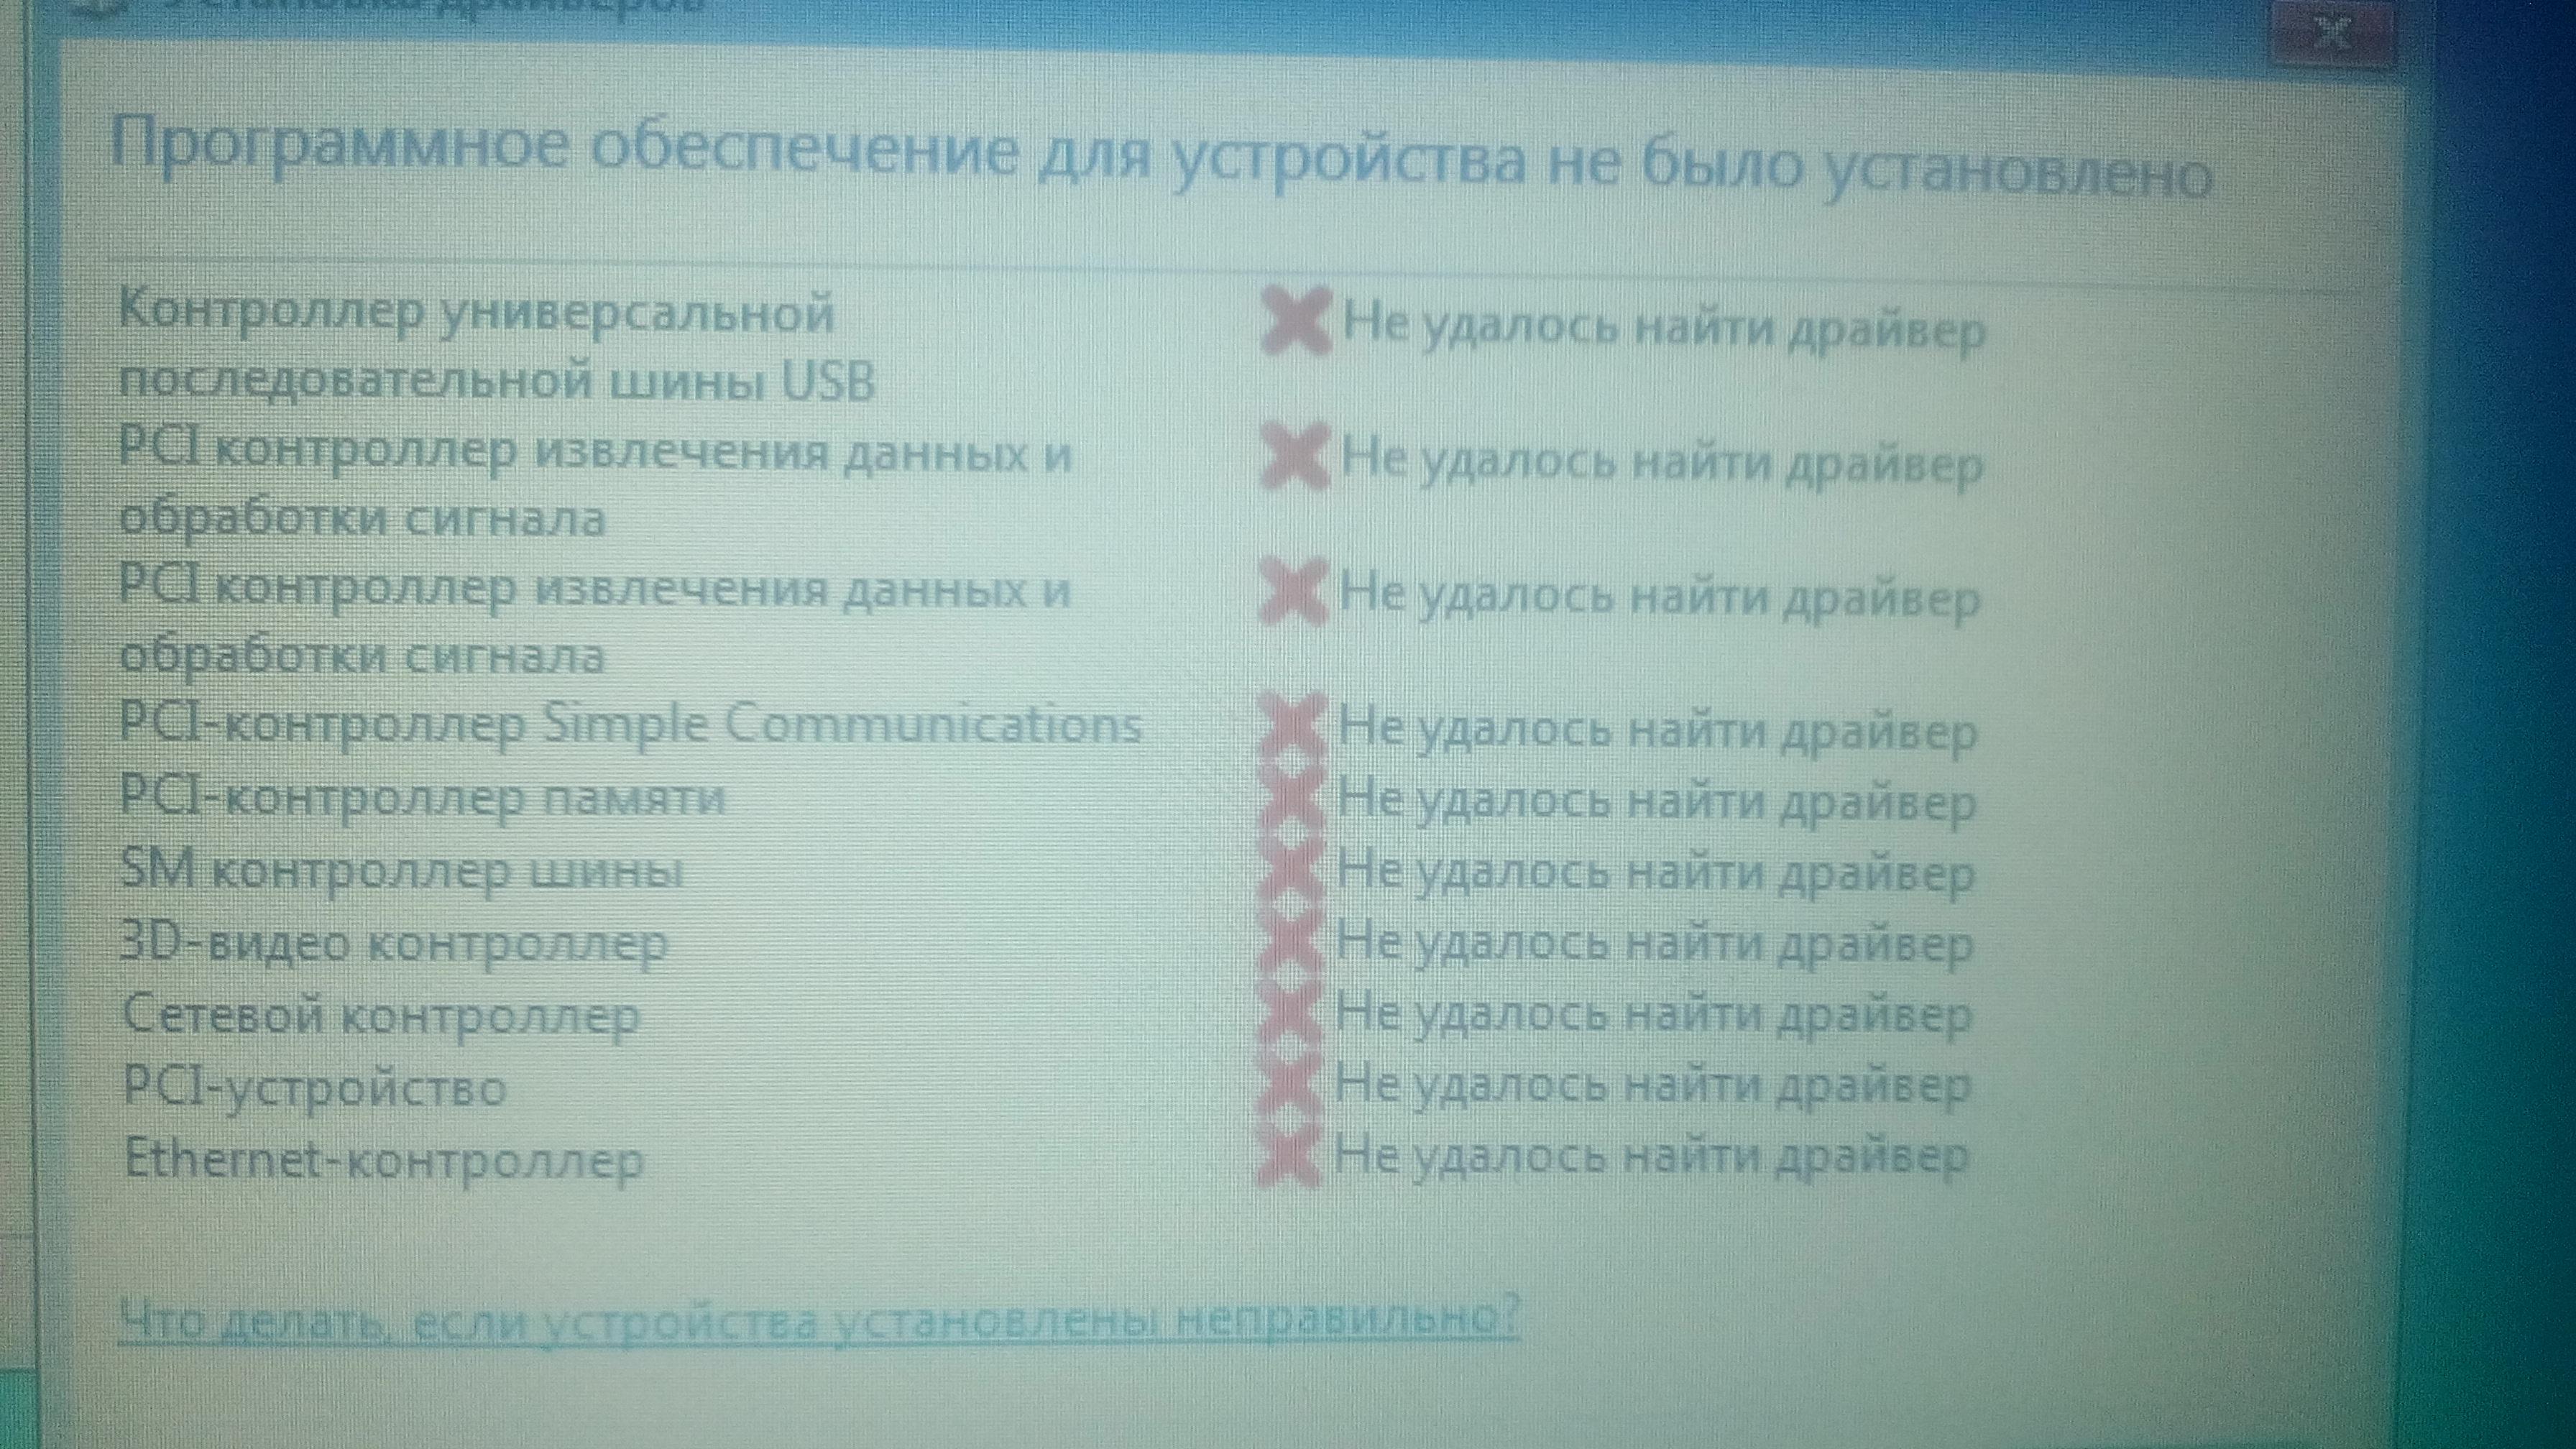 Скачать драйвер pci ven_8086&dev_1c3a.